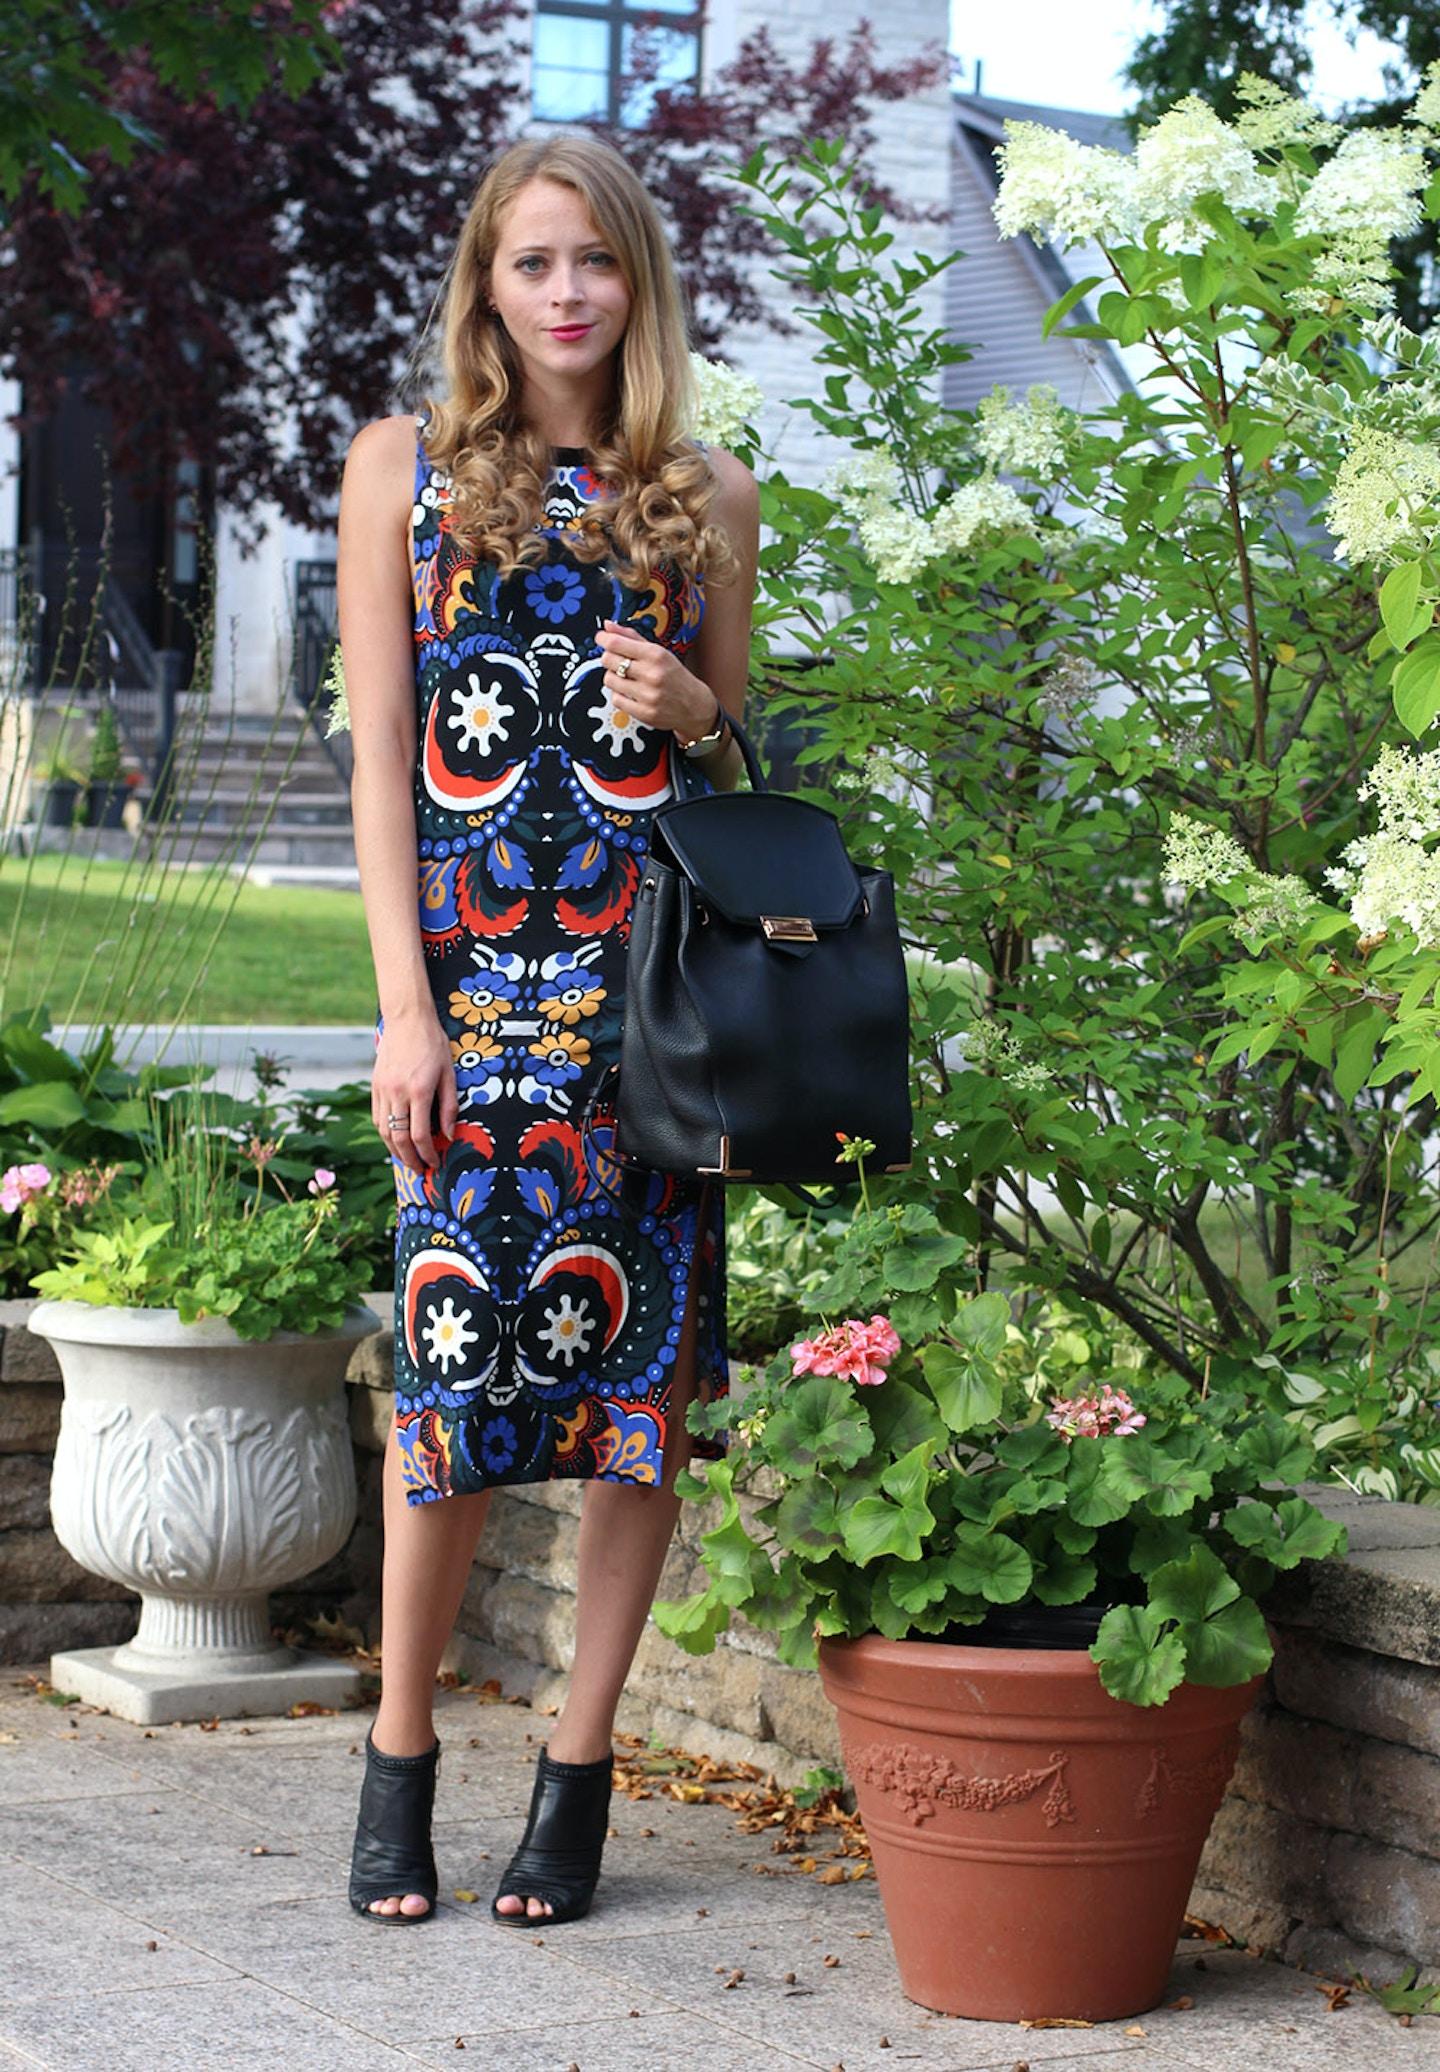 Work Wear Wednesday: How to wear a midi dress to work